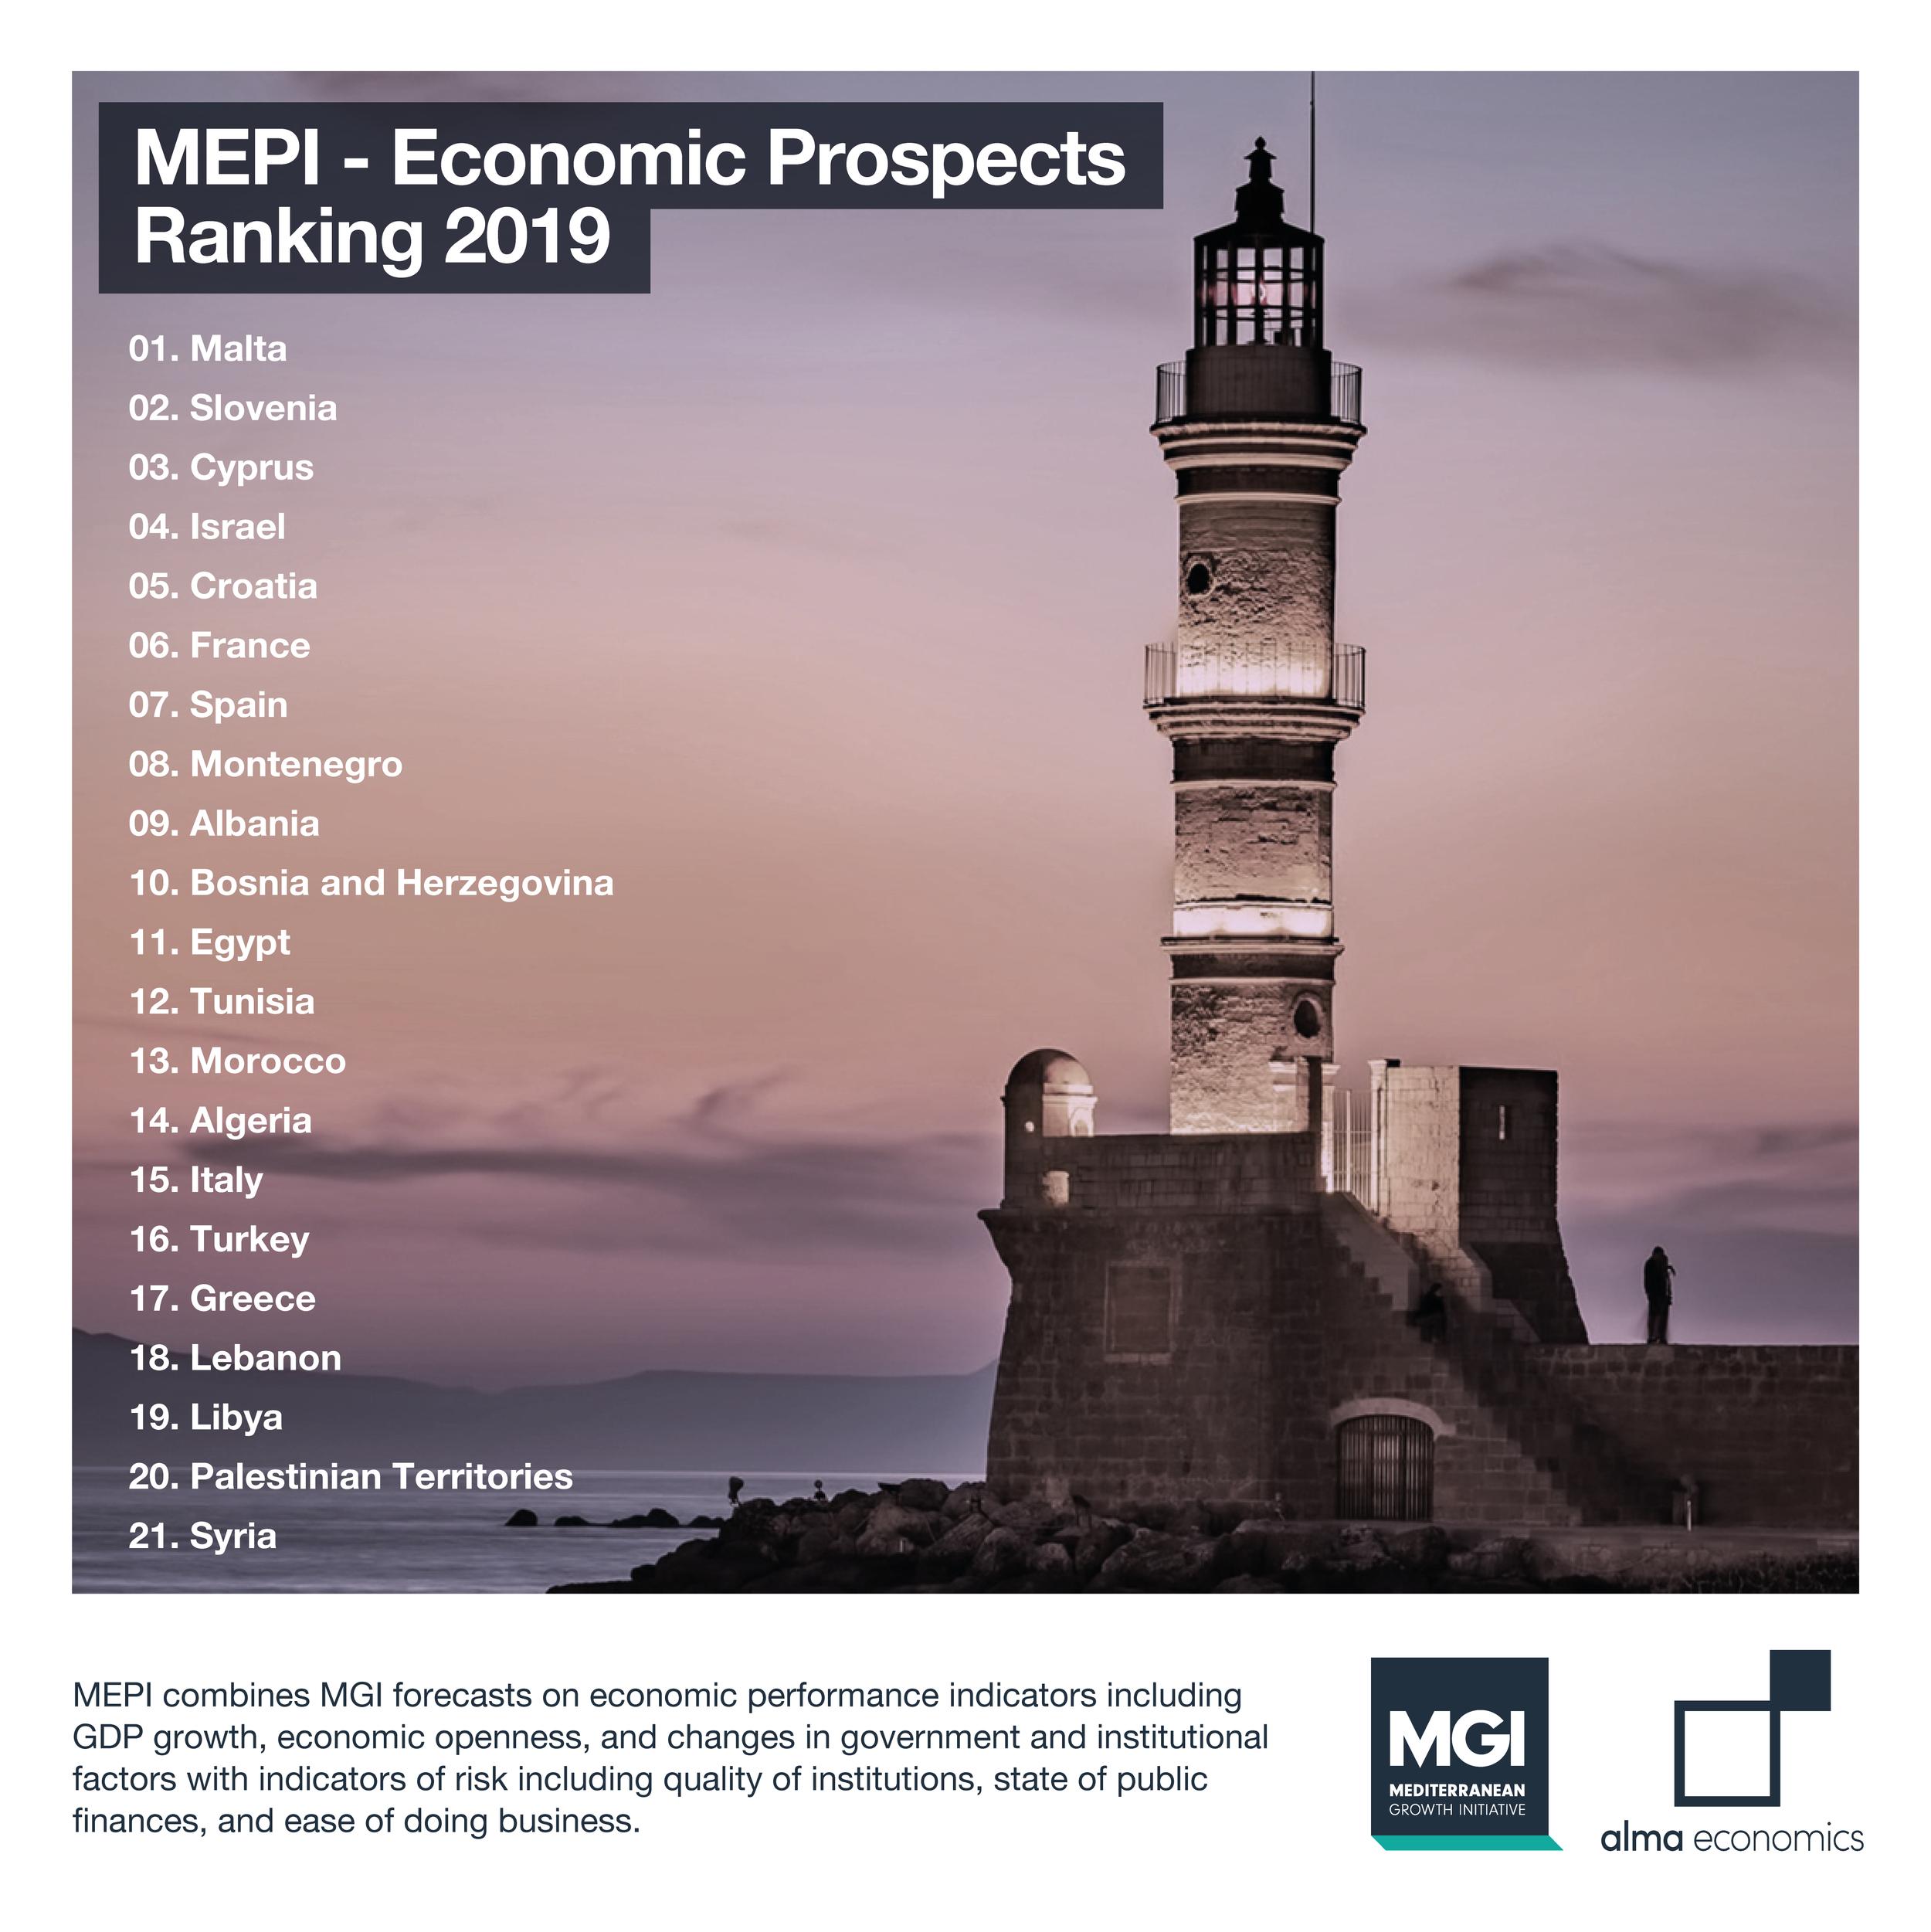 ΜΕPI Economic Prospects Ranking 2019 -